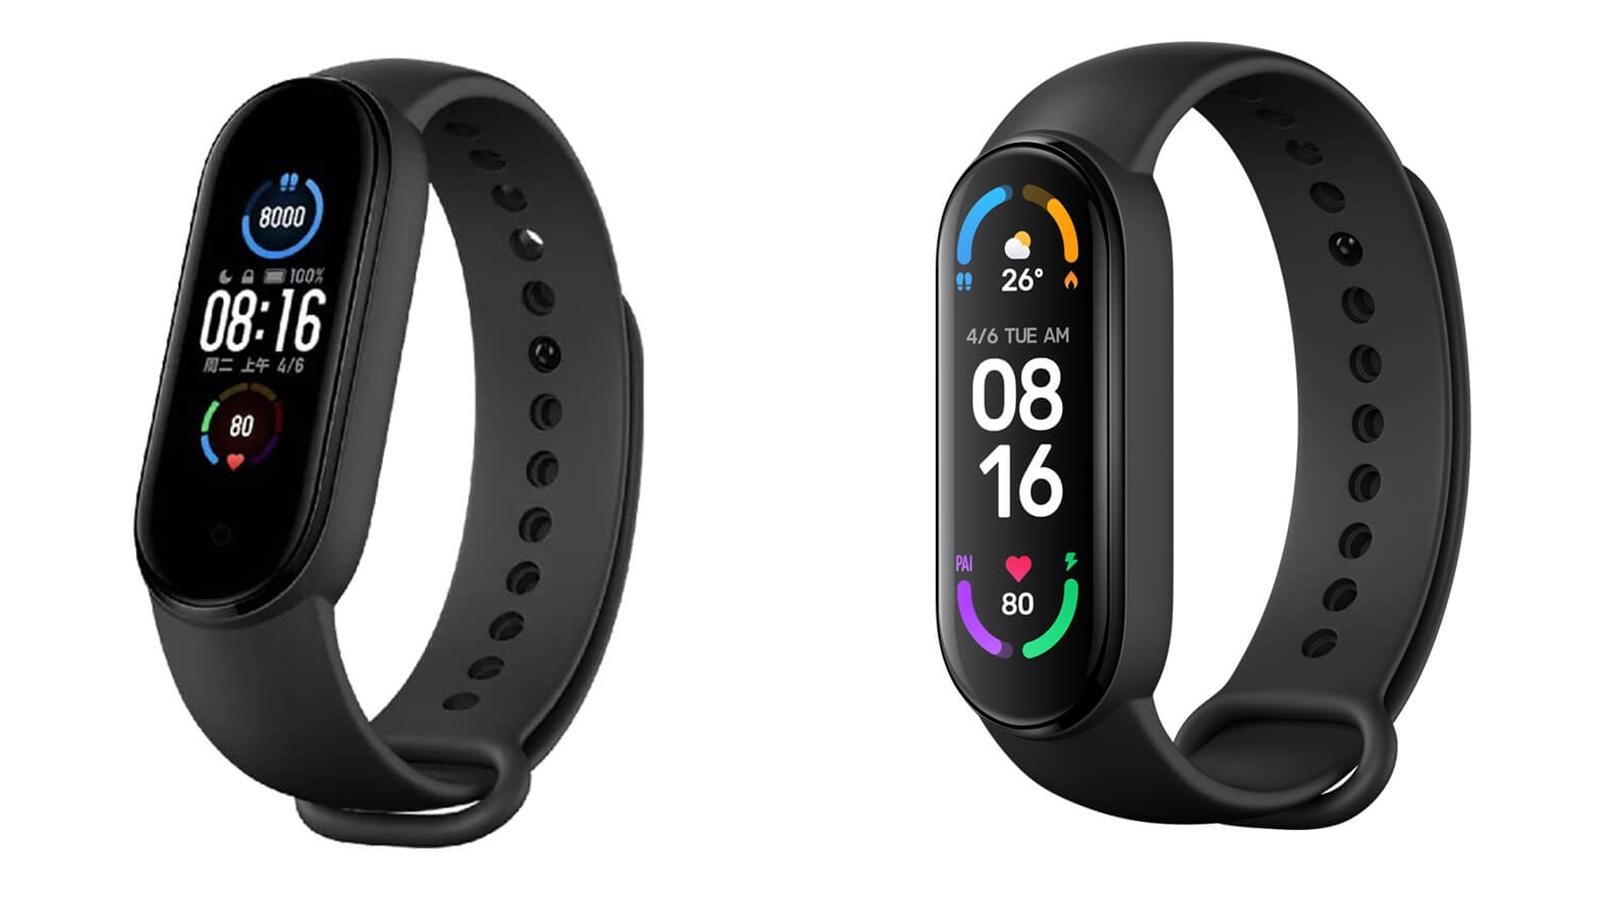 【手機專知】小米手環6跟小米手環5的不同差異為何?消費者該怎麼選擇?